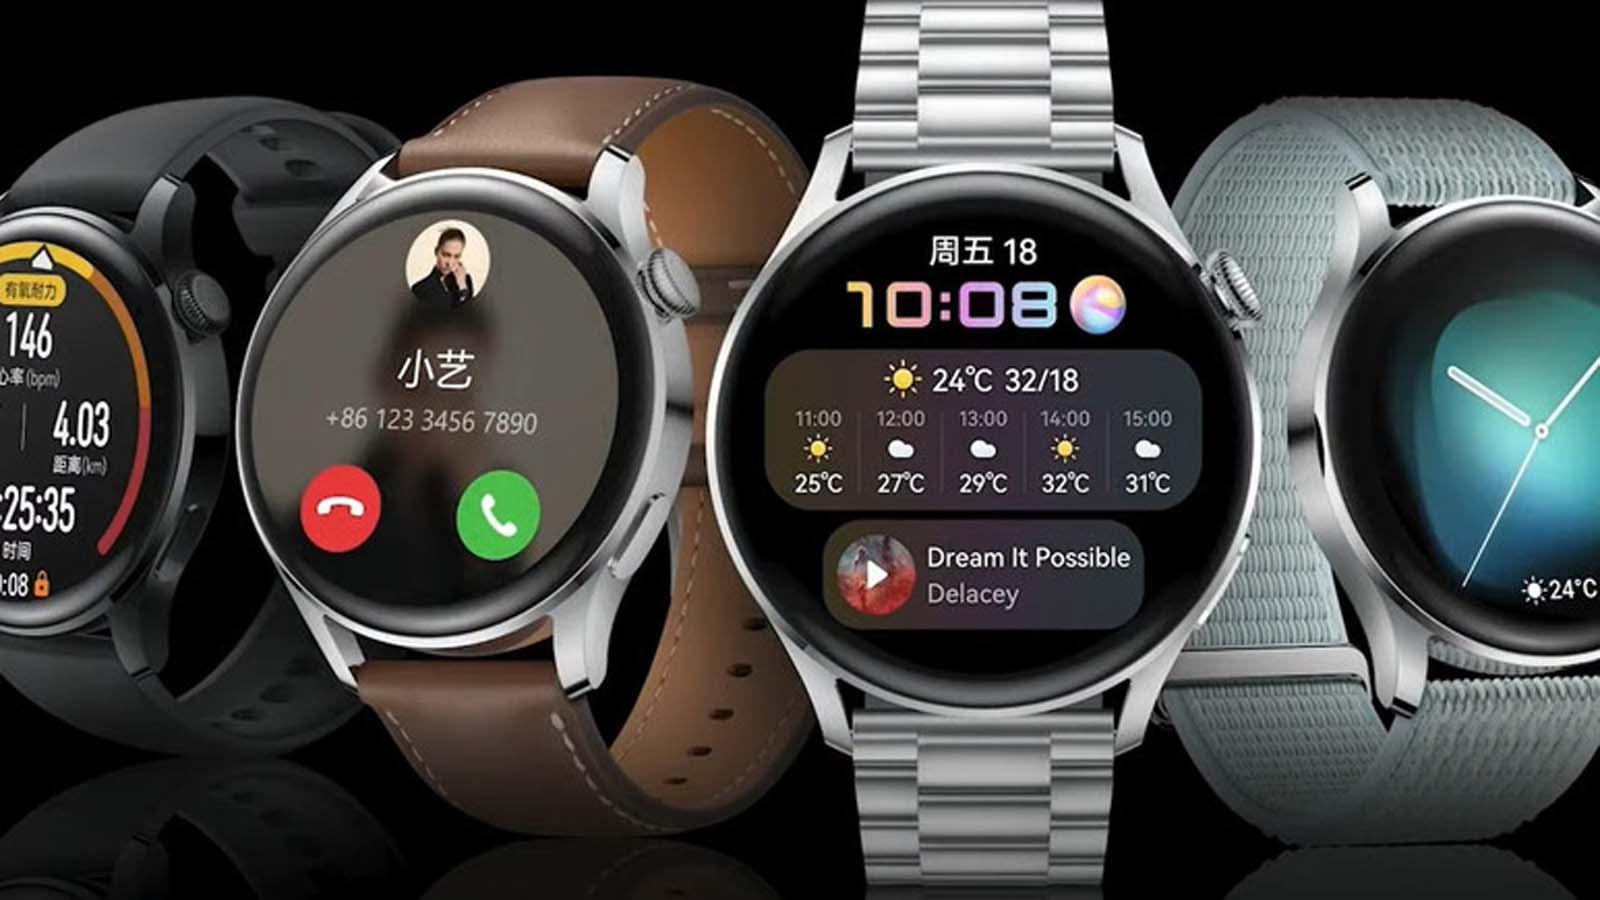 Yıldız futbolcunun imzası Watch 3 Pro' nun tasarımı oldu